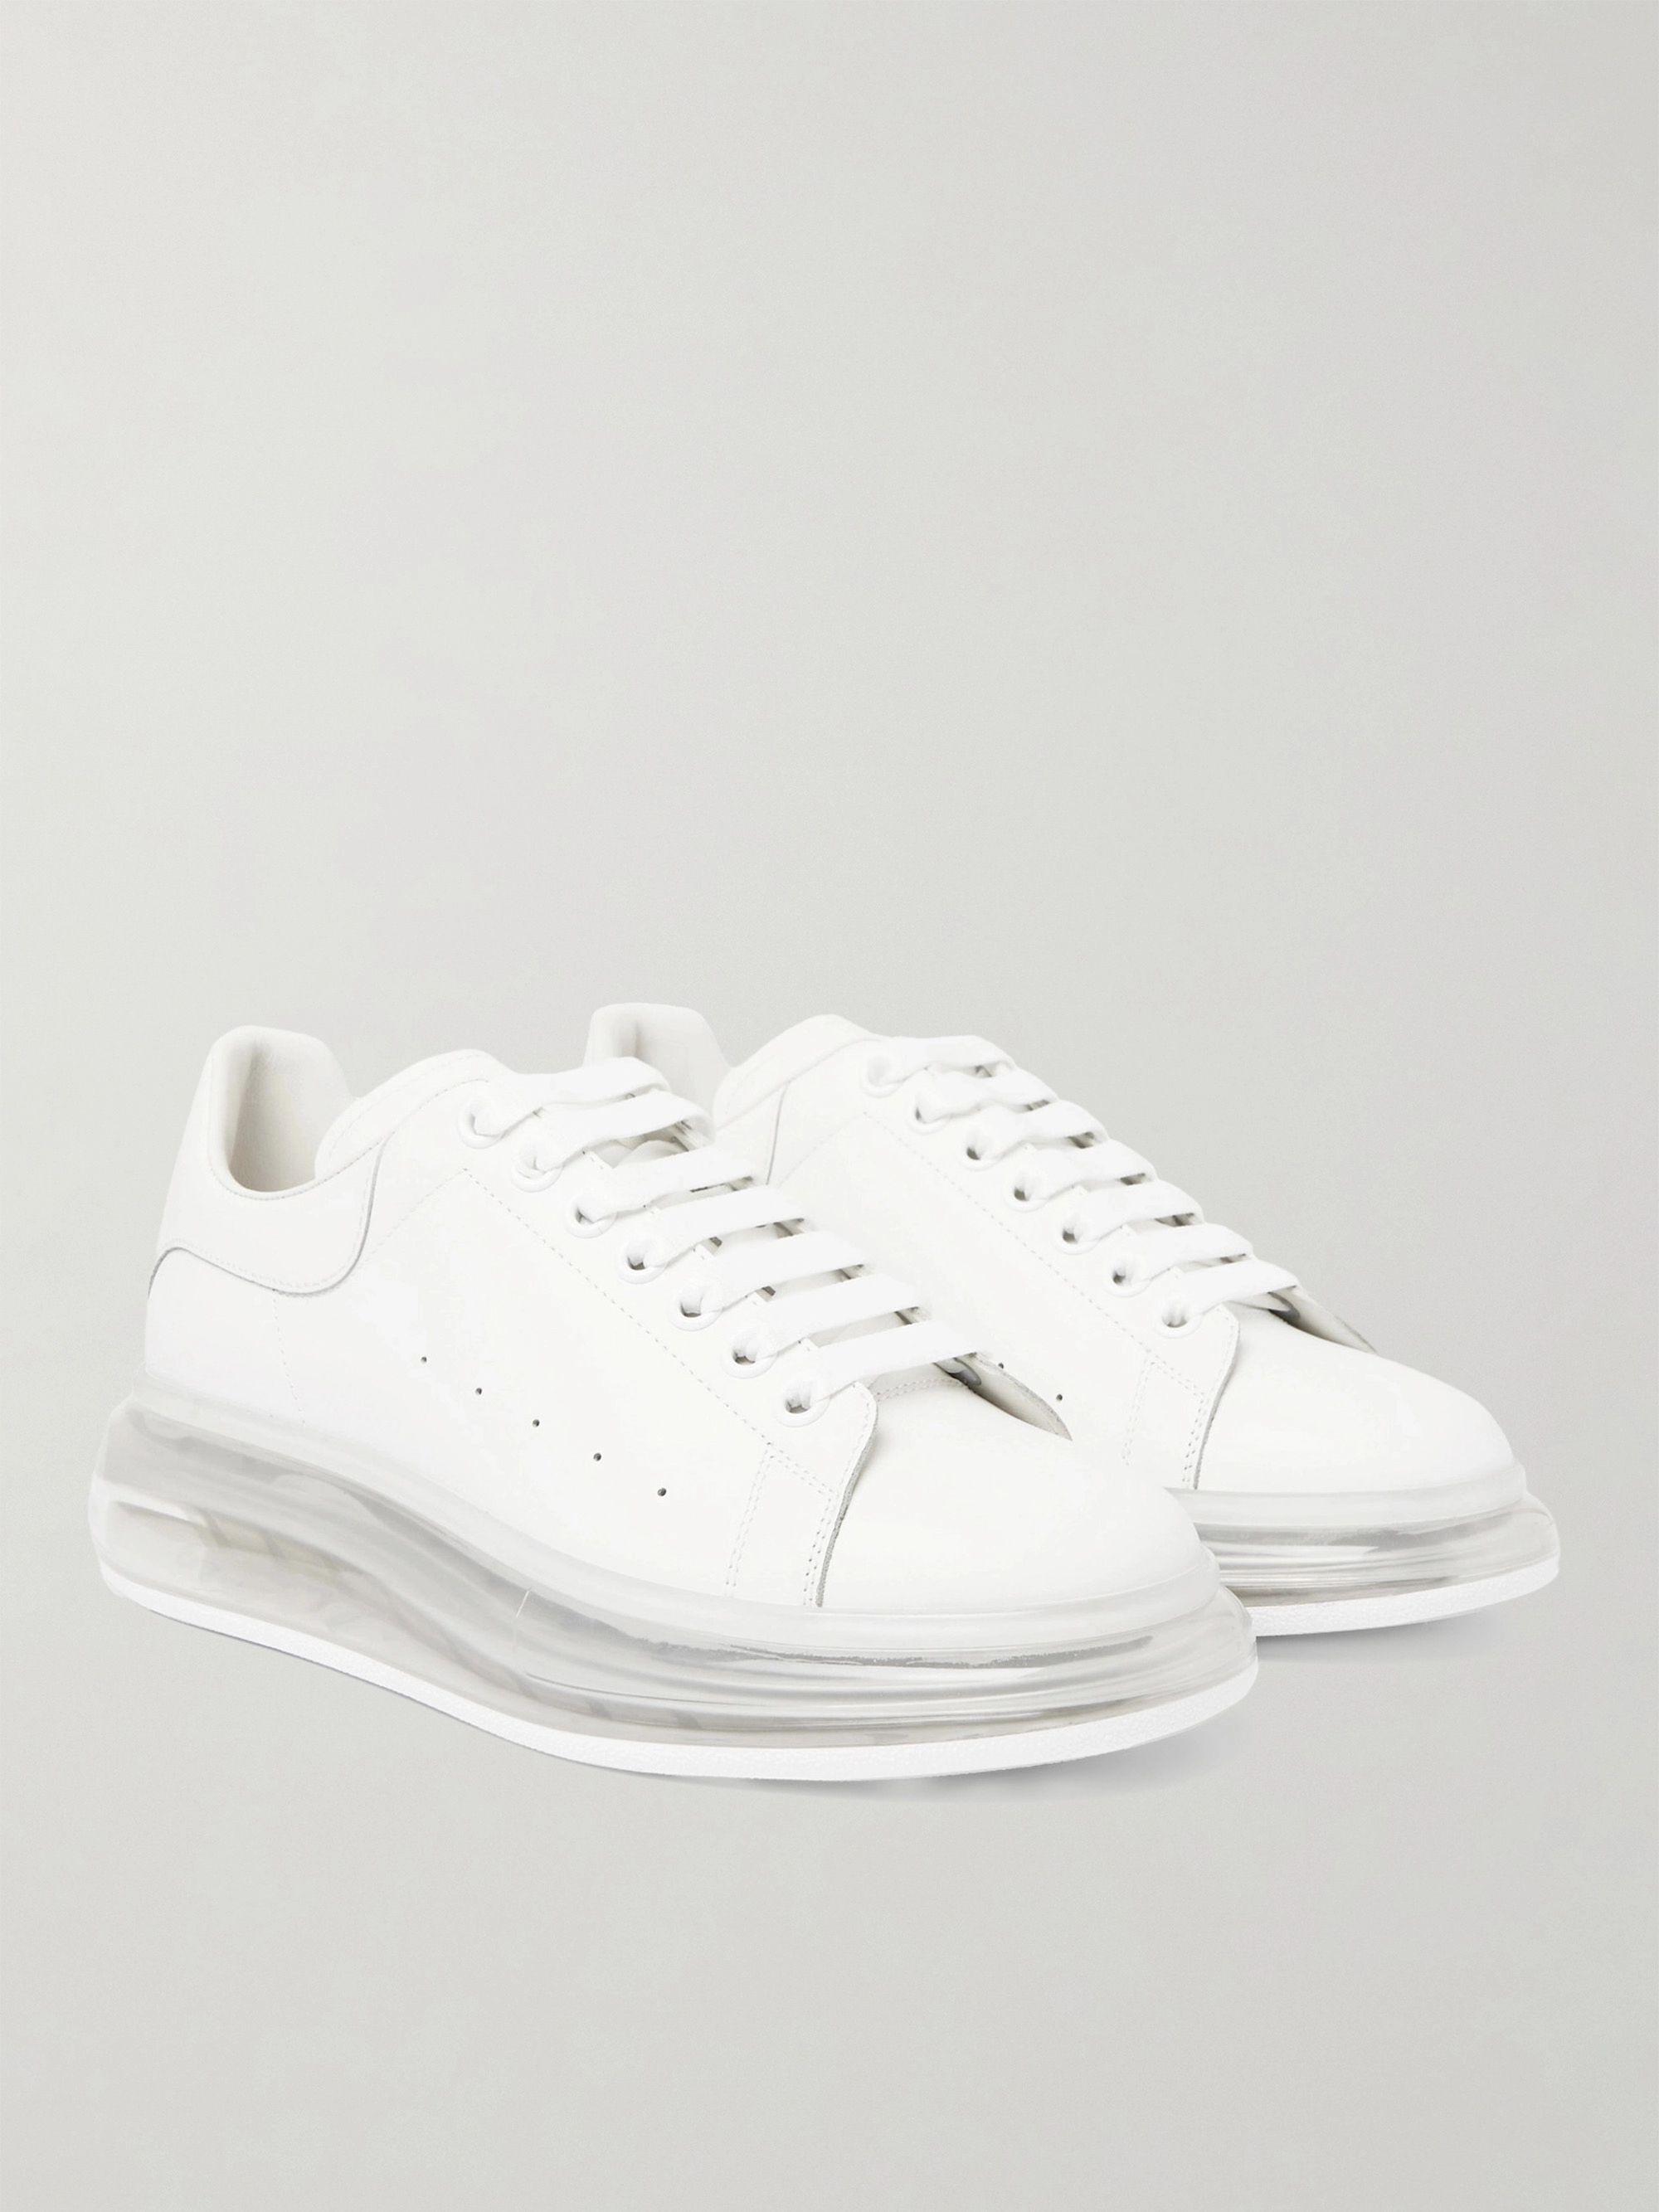 알렉산더 맥퀸 Alexander McQueen Exaggerated-Sole Leather Sneakers,White